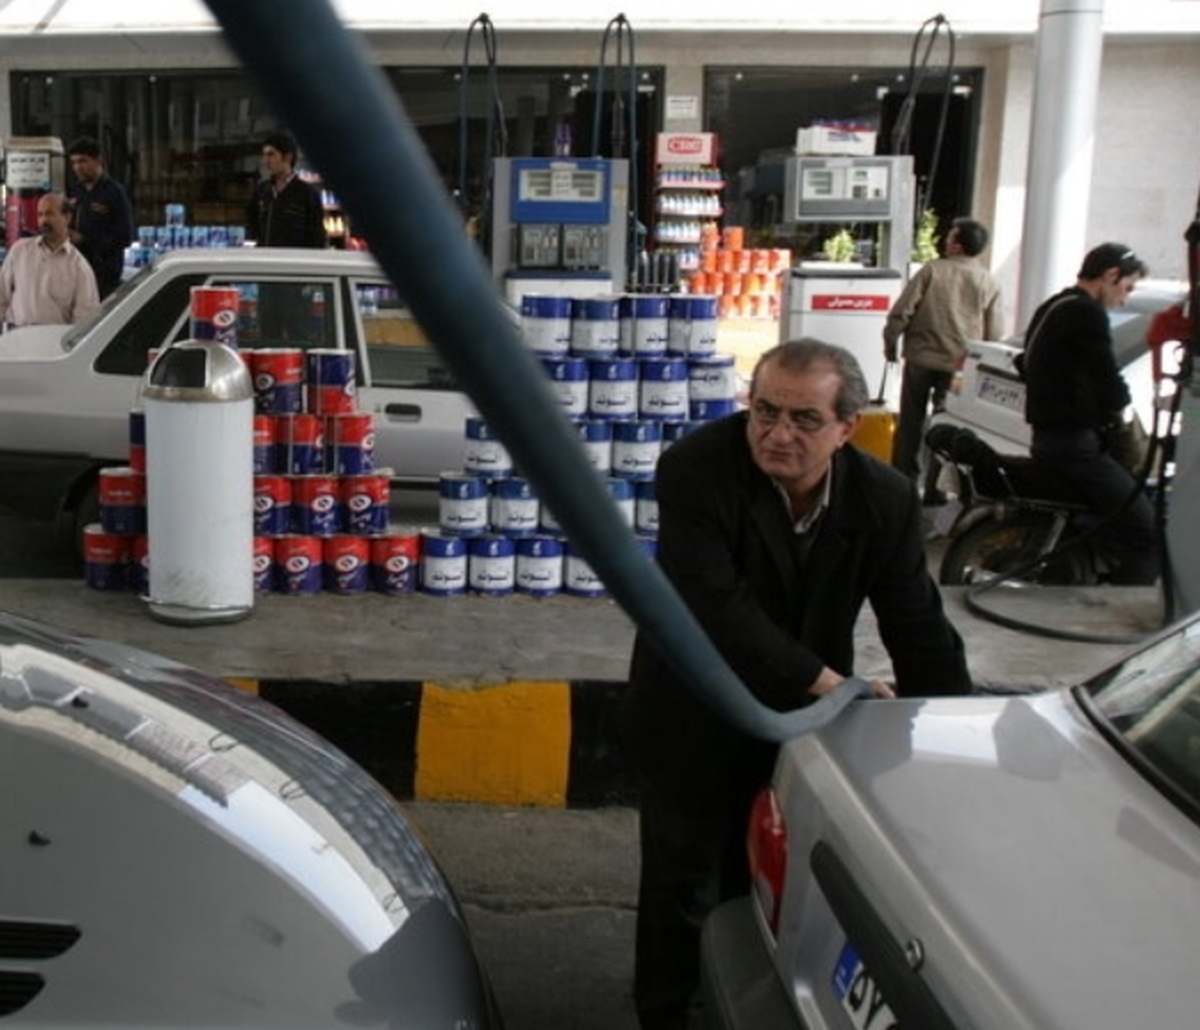 استاندار تهران: ذخیره سهمیه سوخت آبان خودروها تا ۶ماه قابل استفاده است